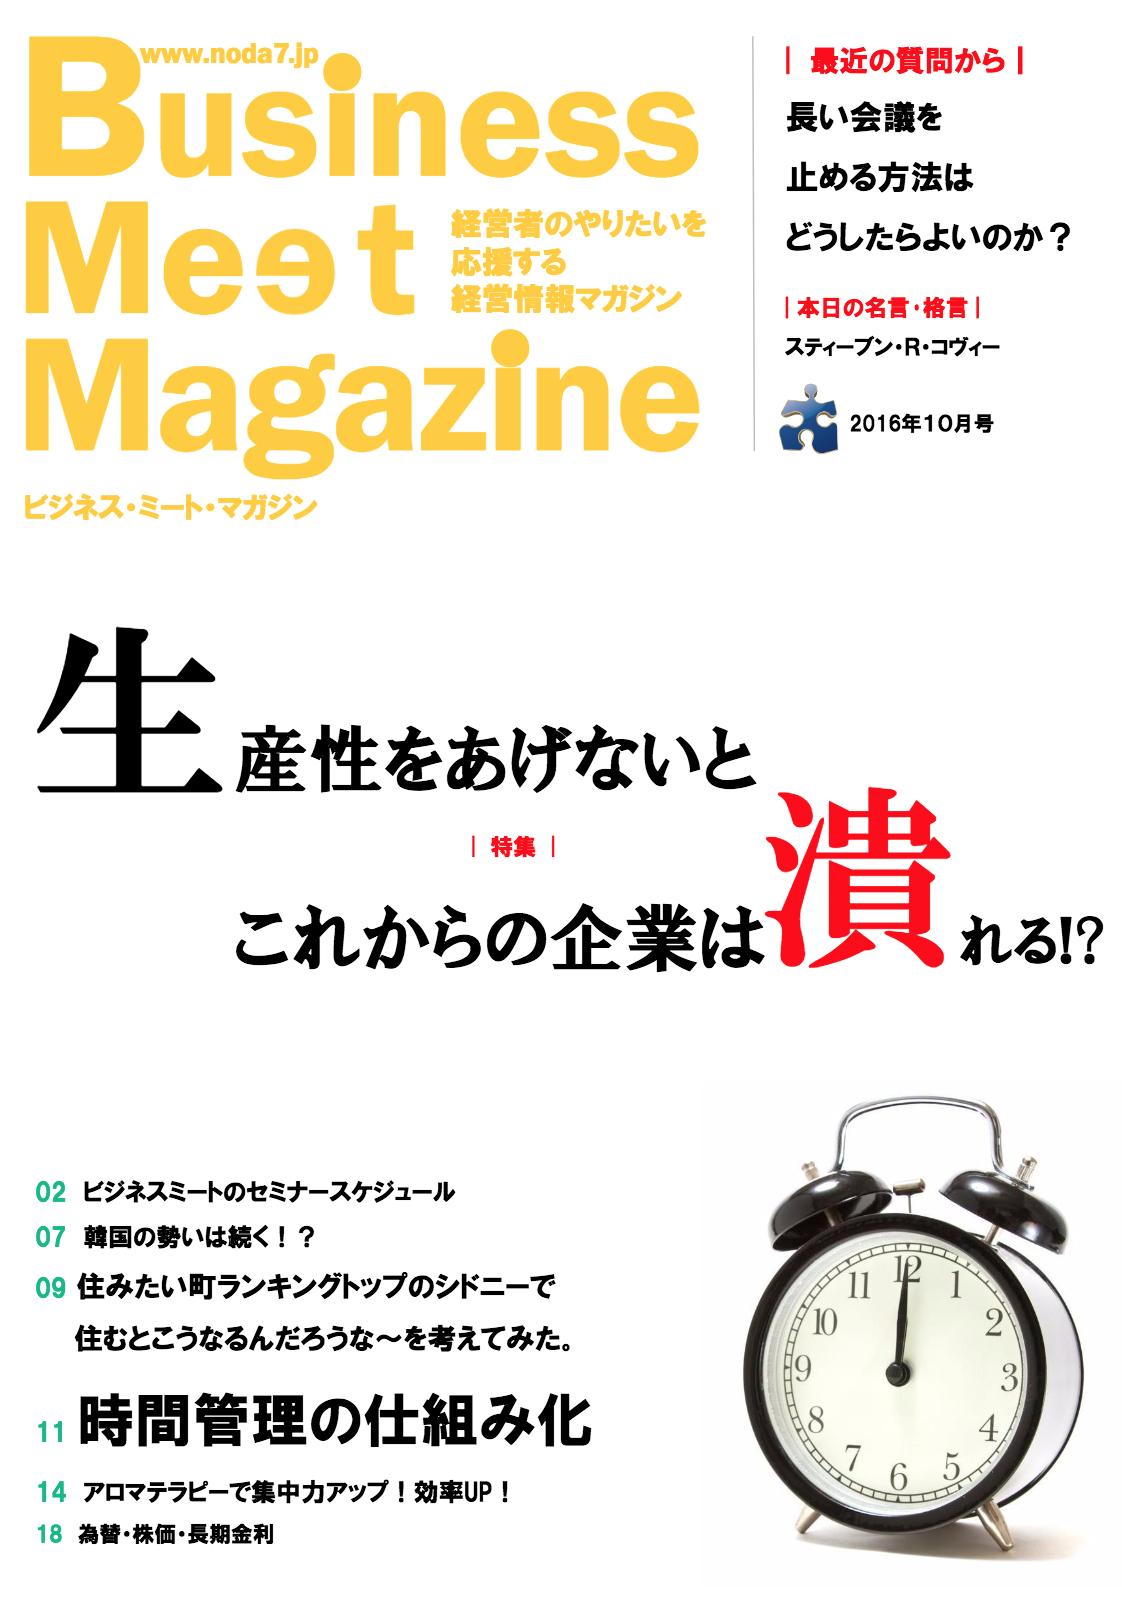 [雑誌]BMM2016年10月号「生産性を上げないとこれからの企業は潰れる!?」